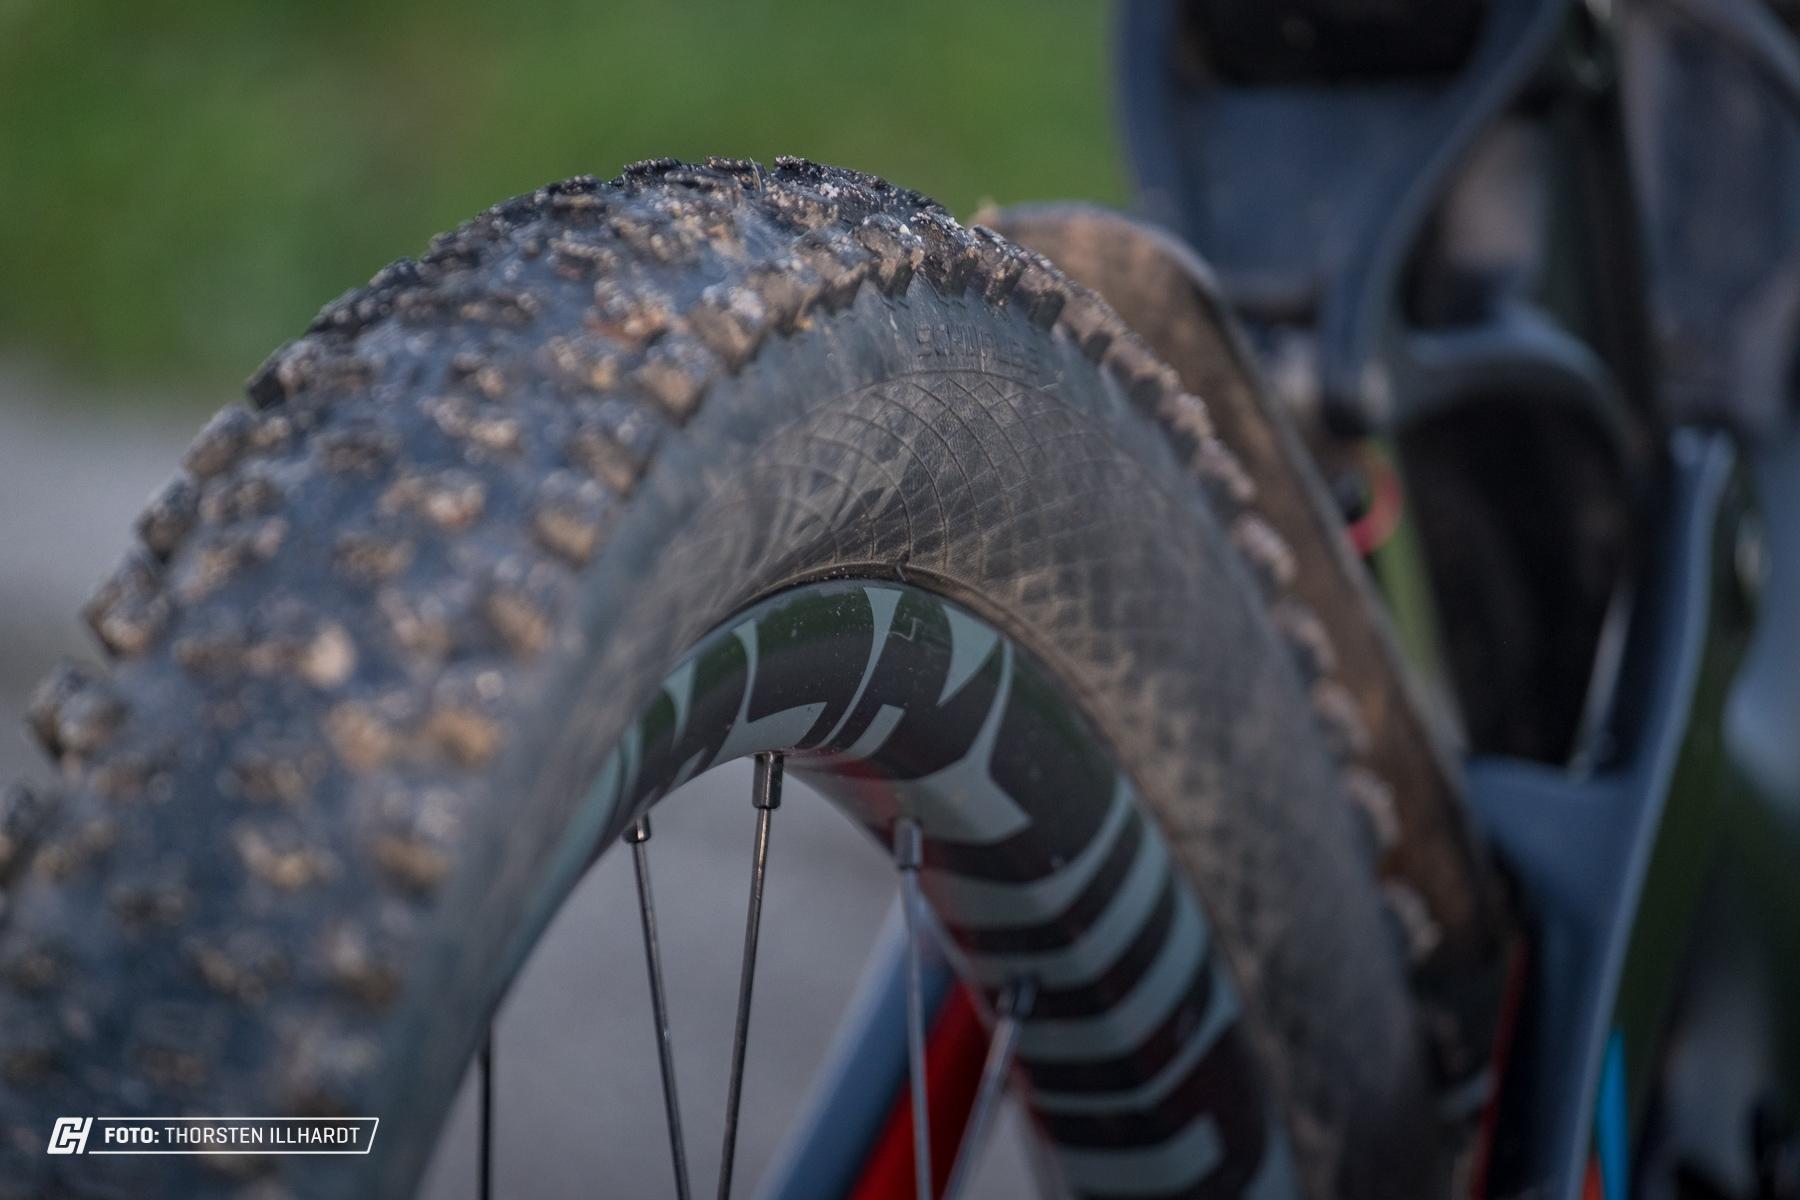 Hier wirken schmale Reifen plötzlich breit